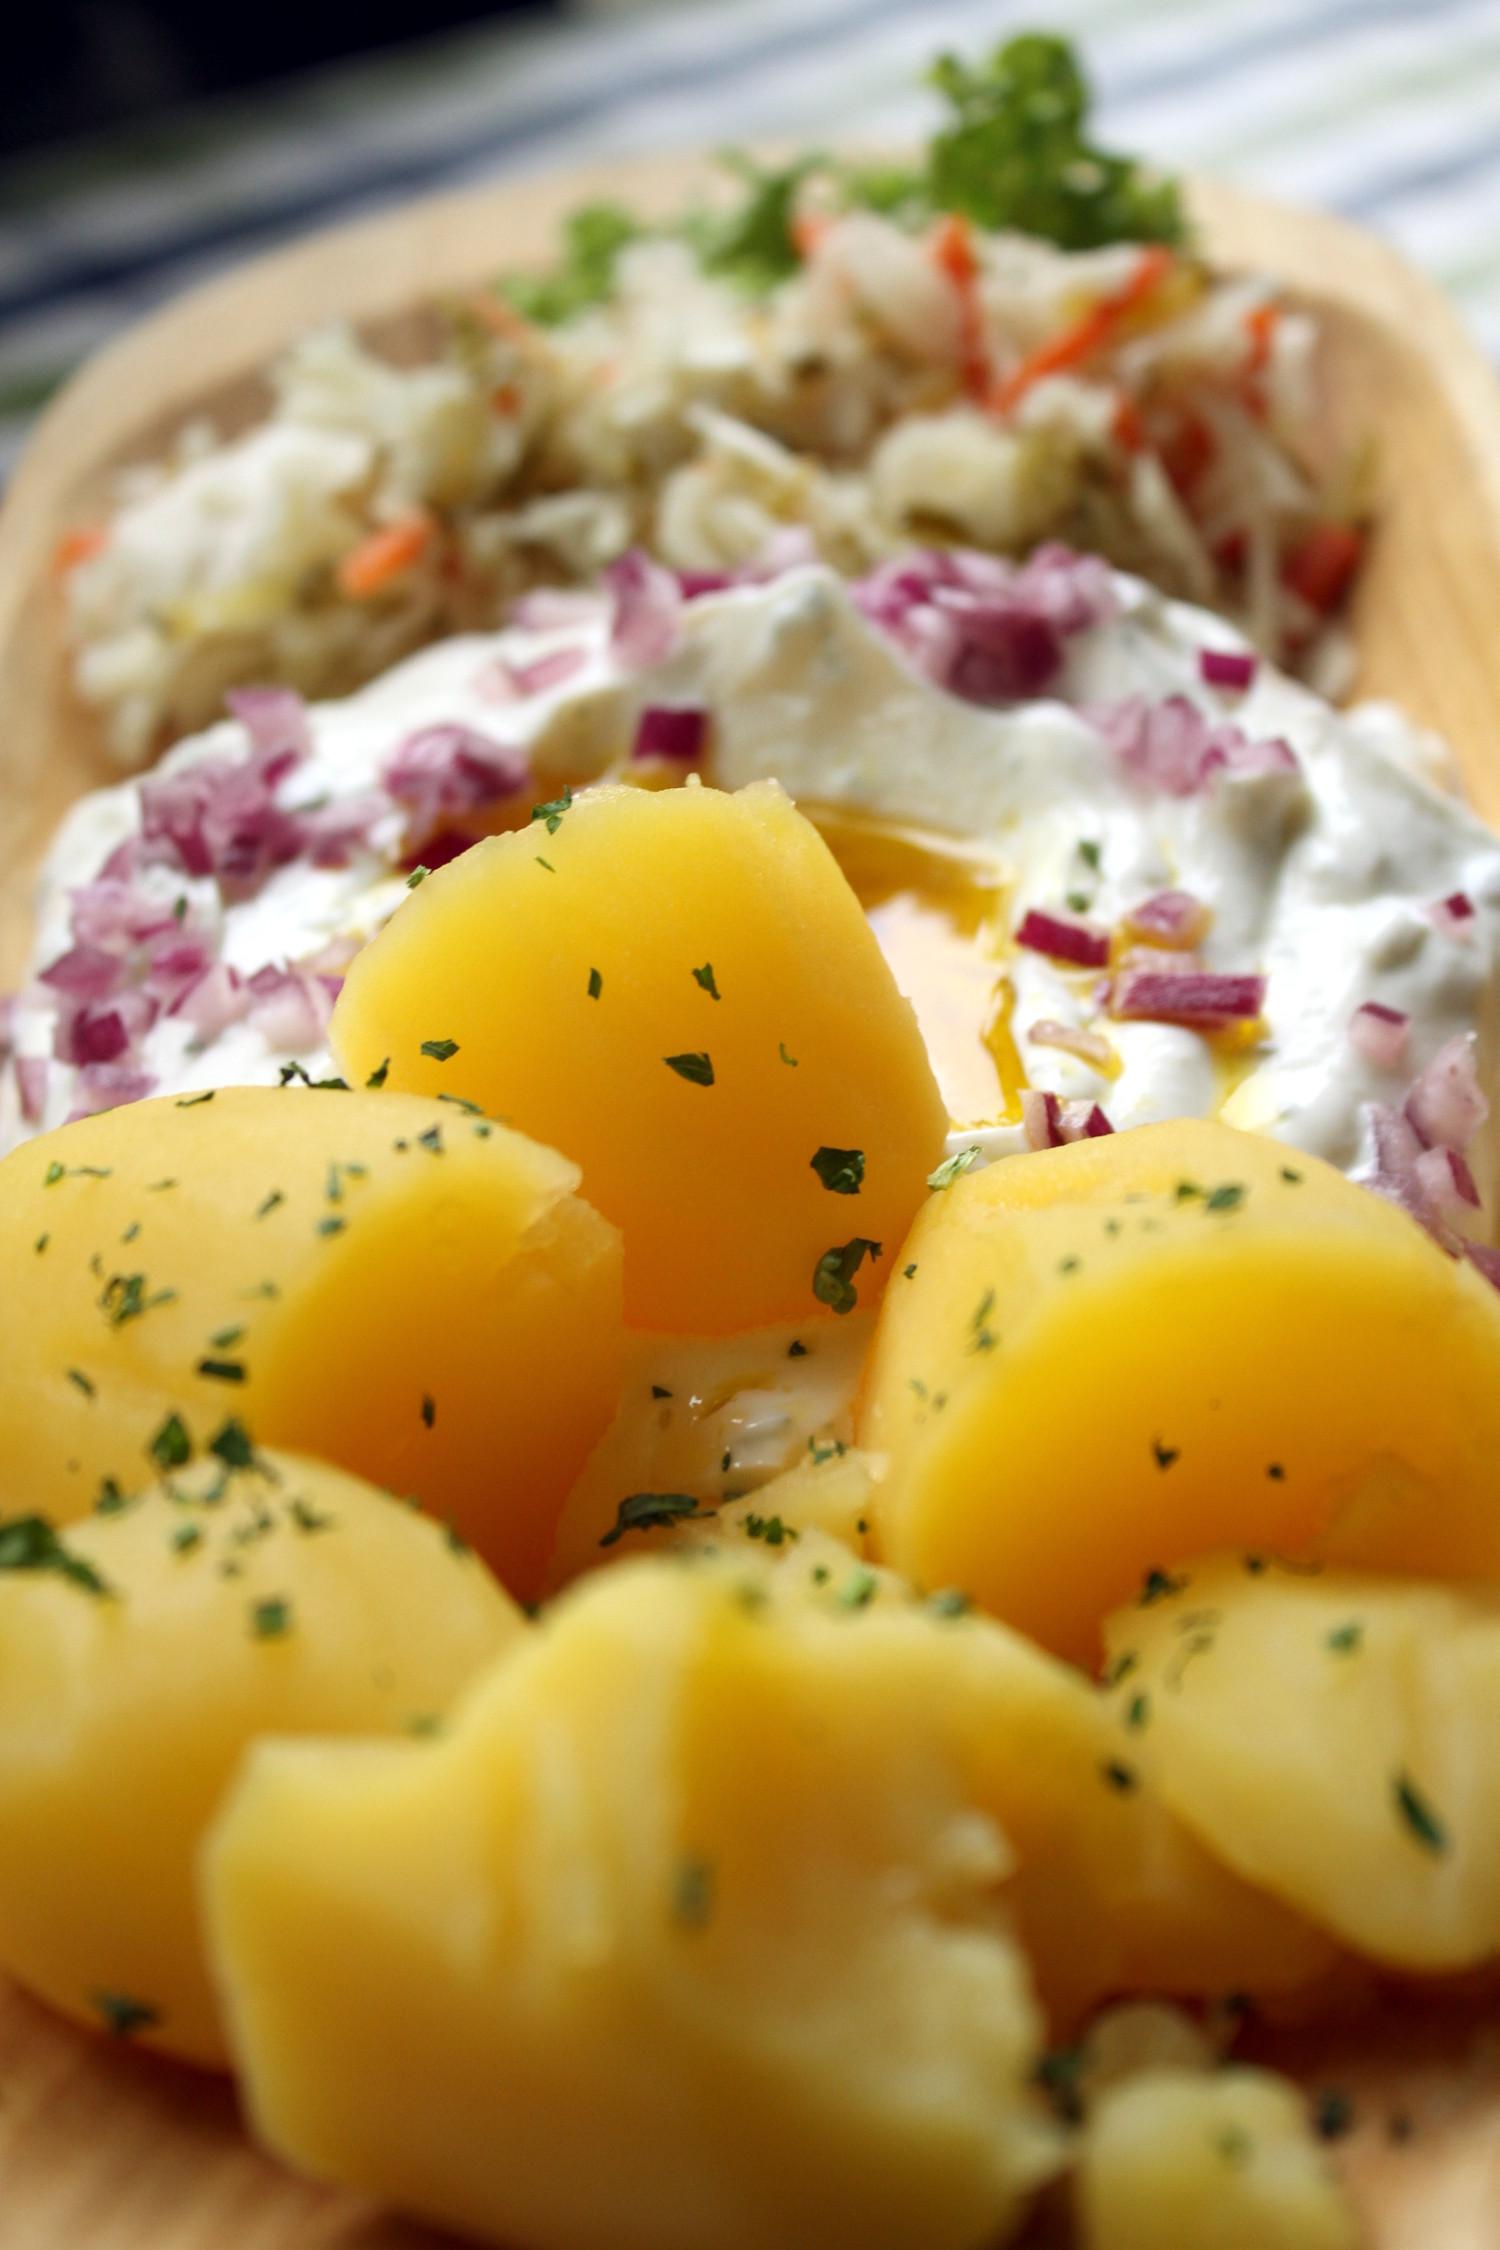 'Leinöl und pellkartoffeln', batatas com requeijão e azeite de linhaça, pratod a região de Spreewald, na Alemanha (foto: Eduardo Vessoni)